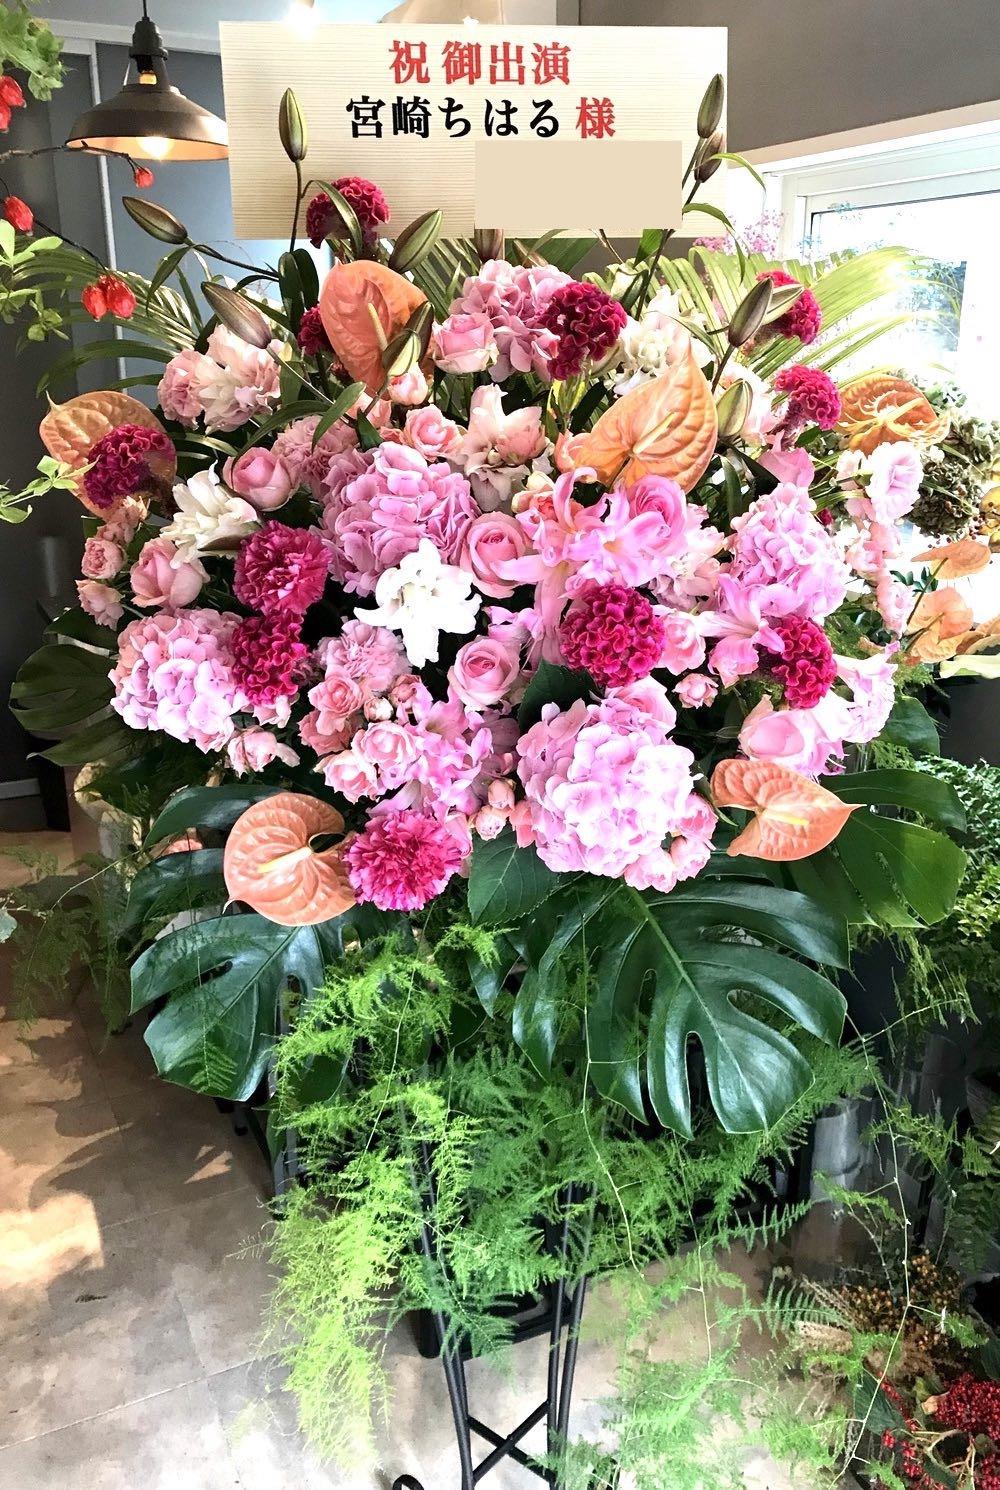 ご出演祝いの上品な雰囲気のスタンド花|